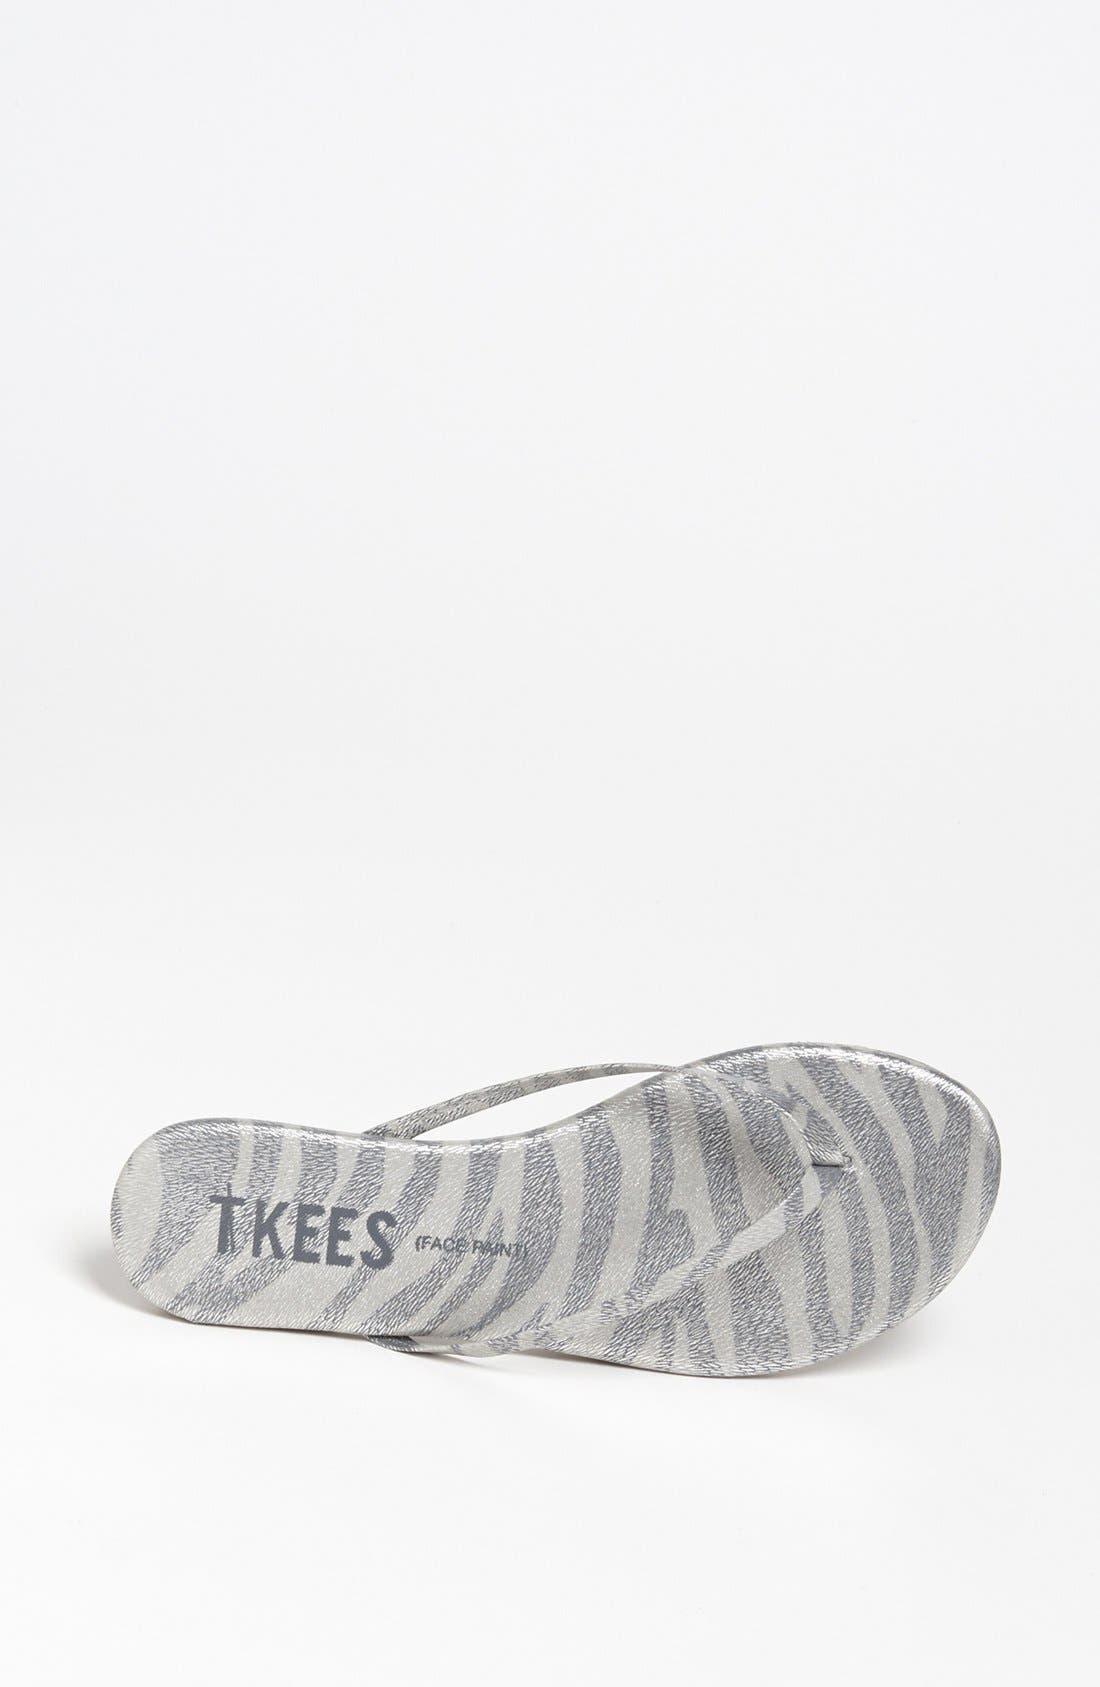 Alternate Image 3  - TKEES 'Face Paints' Flip Flop